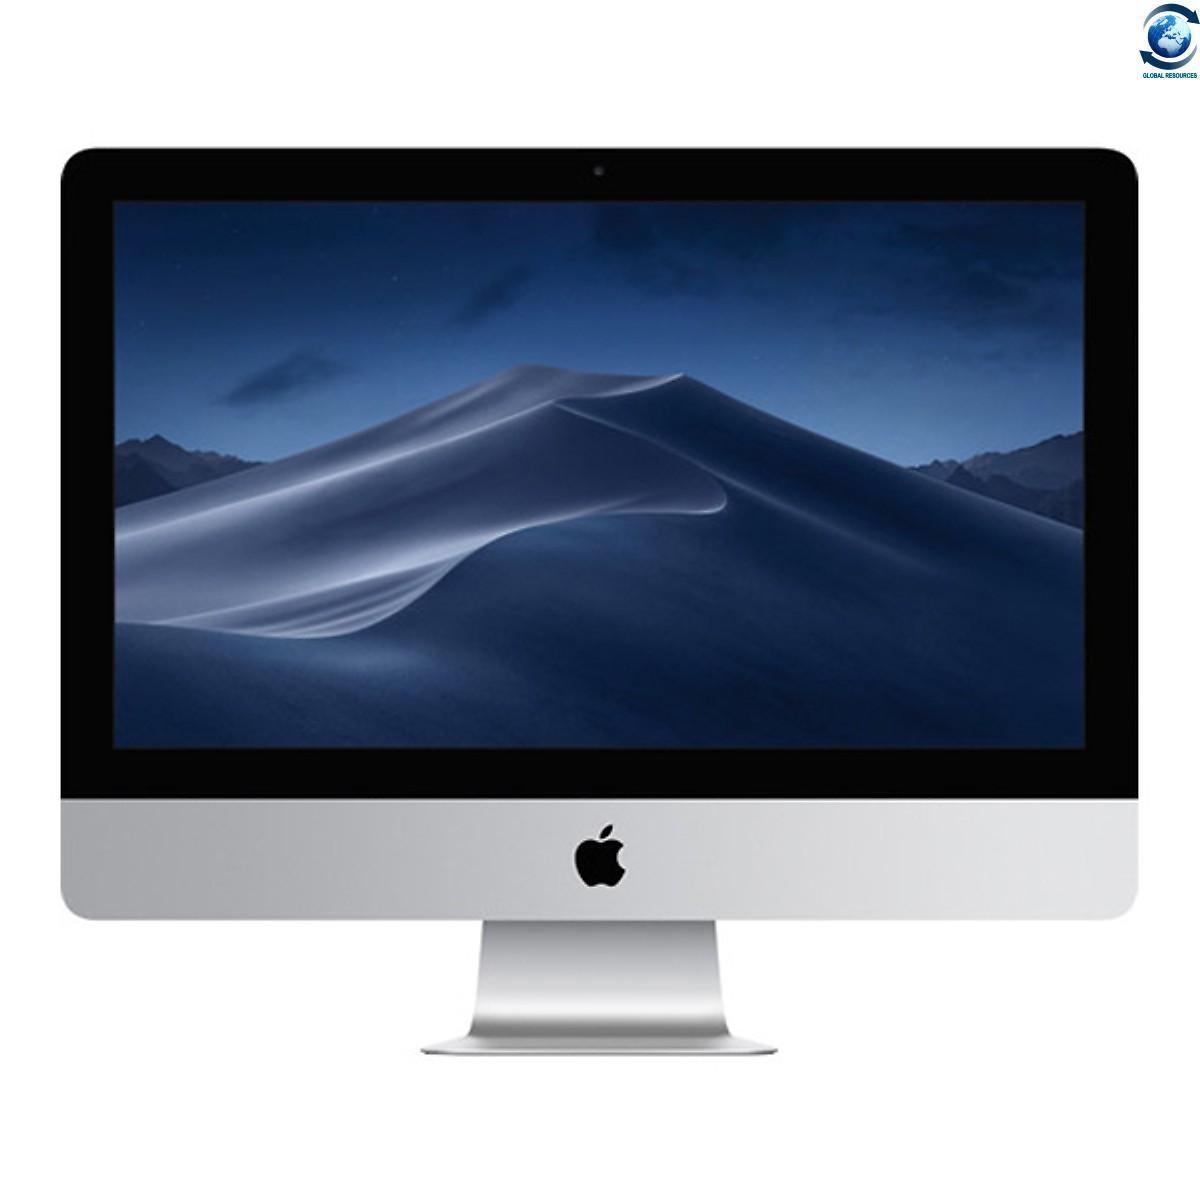 Apple iMac 2019 MRT32 21.5 inch 4K - Hàng Nhập Khẩu